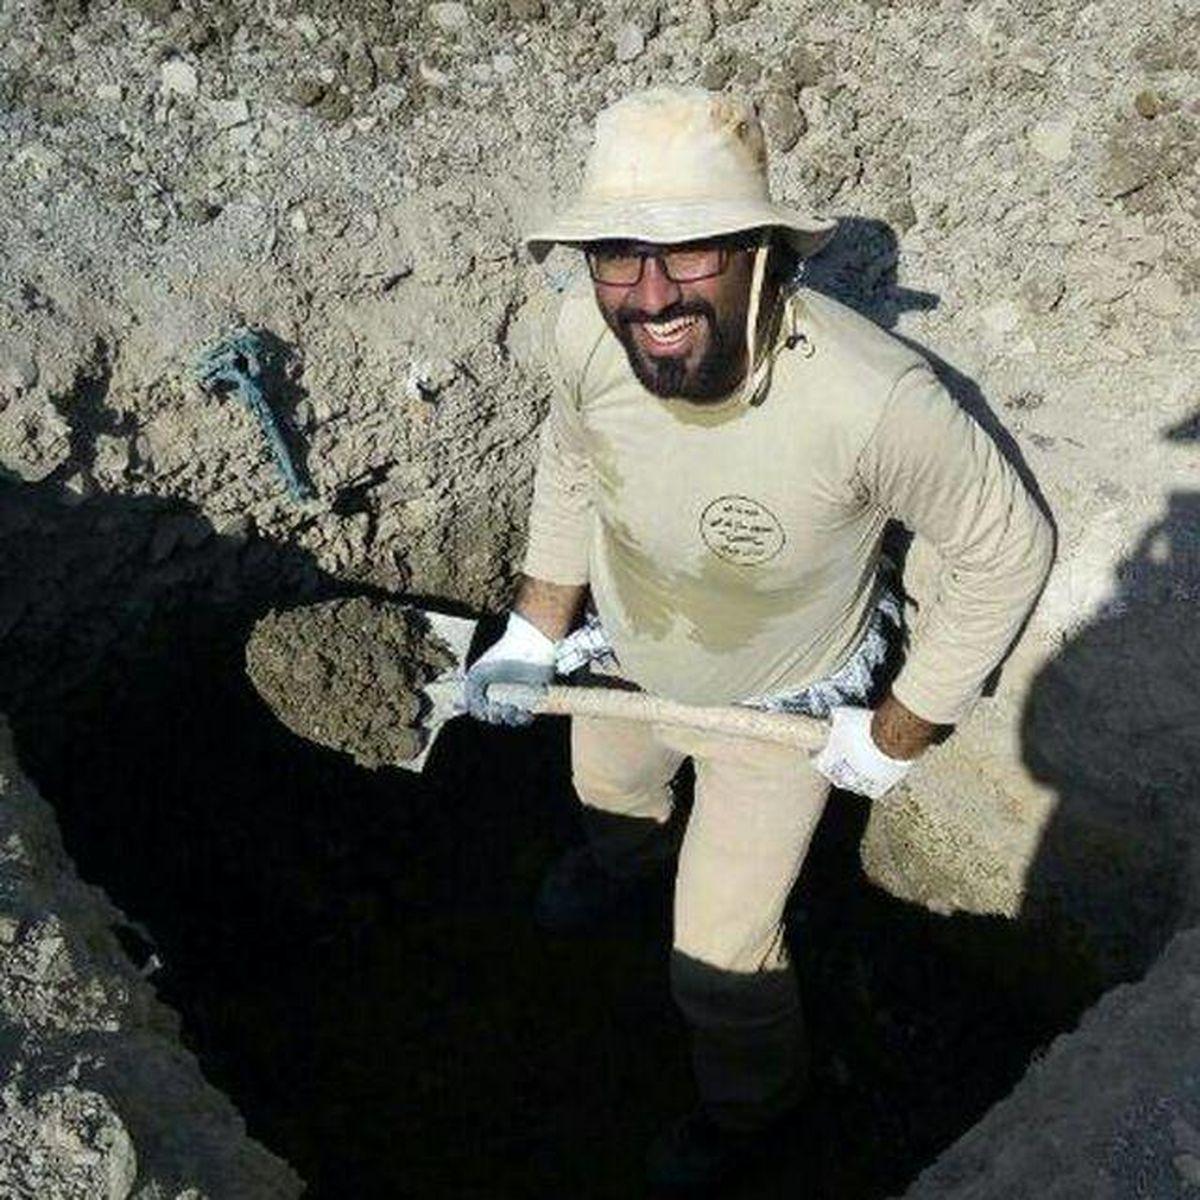 شهیدی که به خاطر پایمال شدن حق کارگران استعفا داد +تصویر